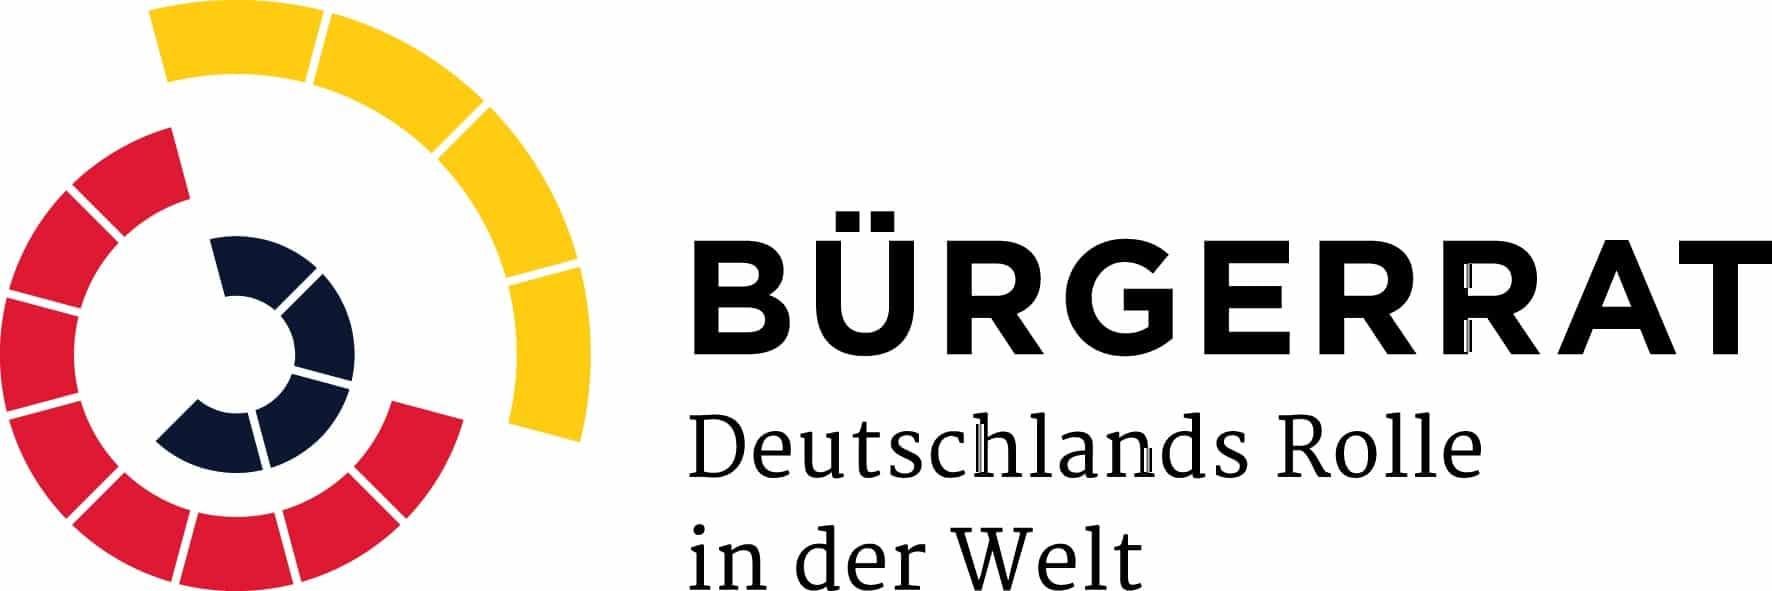 Logo Bürgerrat Deutschlands Rolle in der Welt